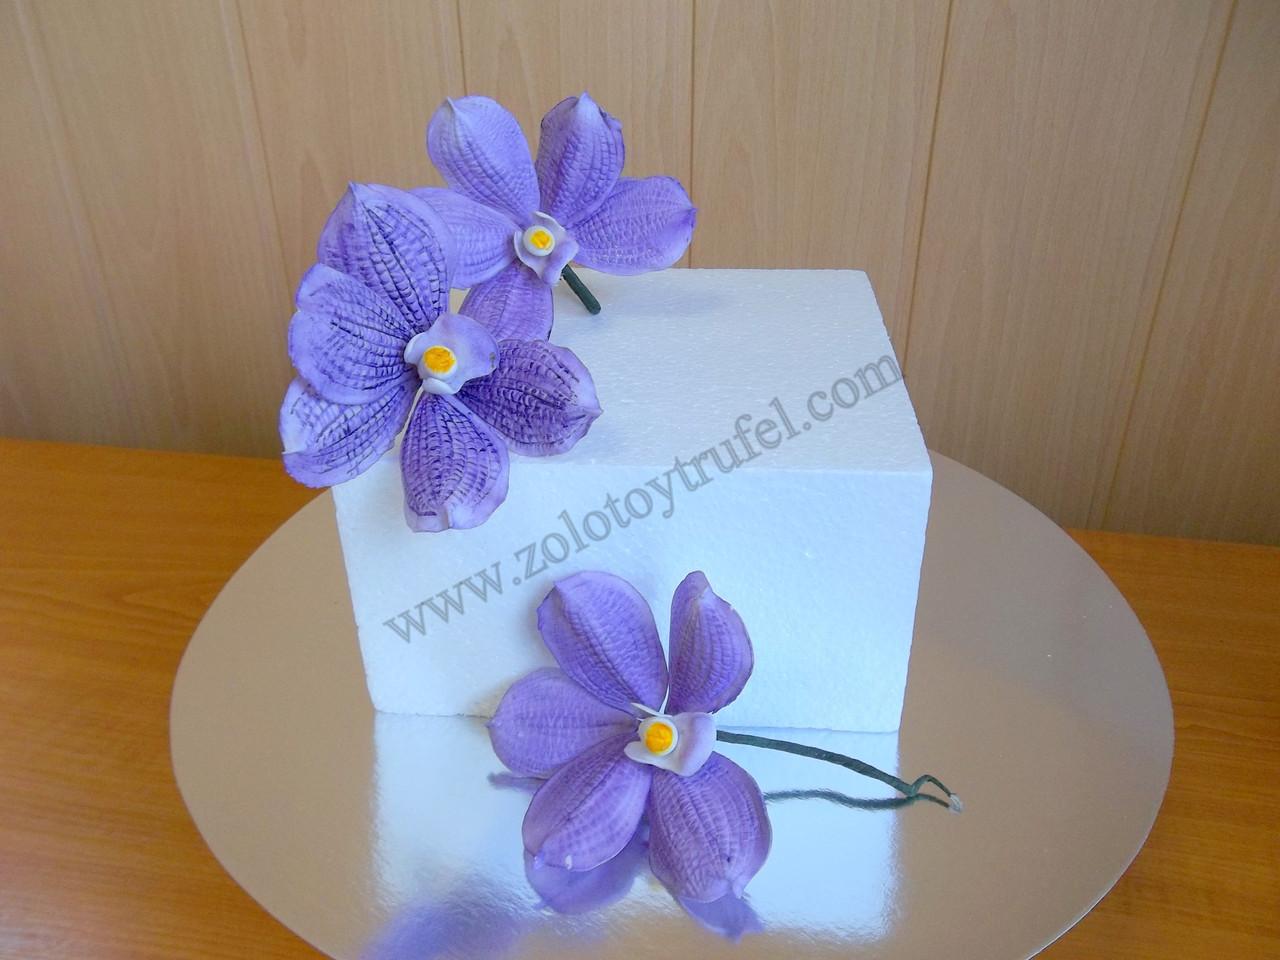 Муляж для торта из пенопласта 22*22 см h 10 см